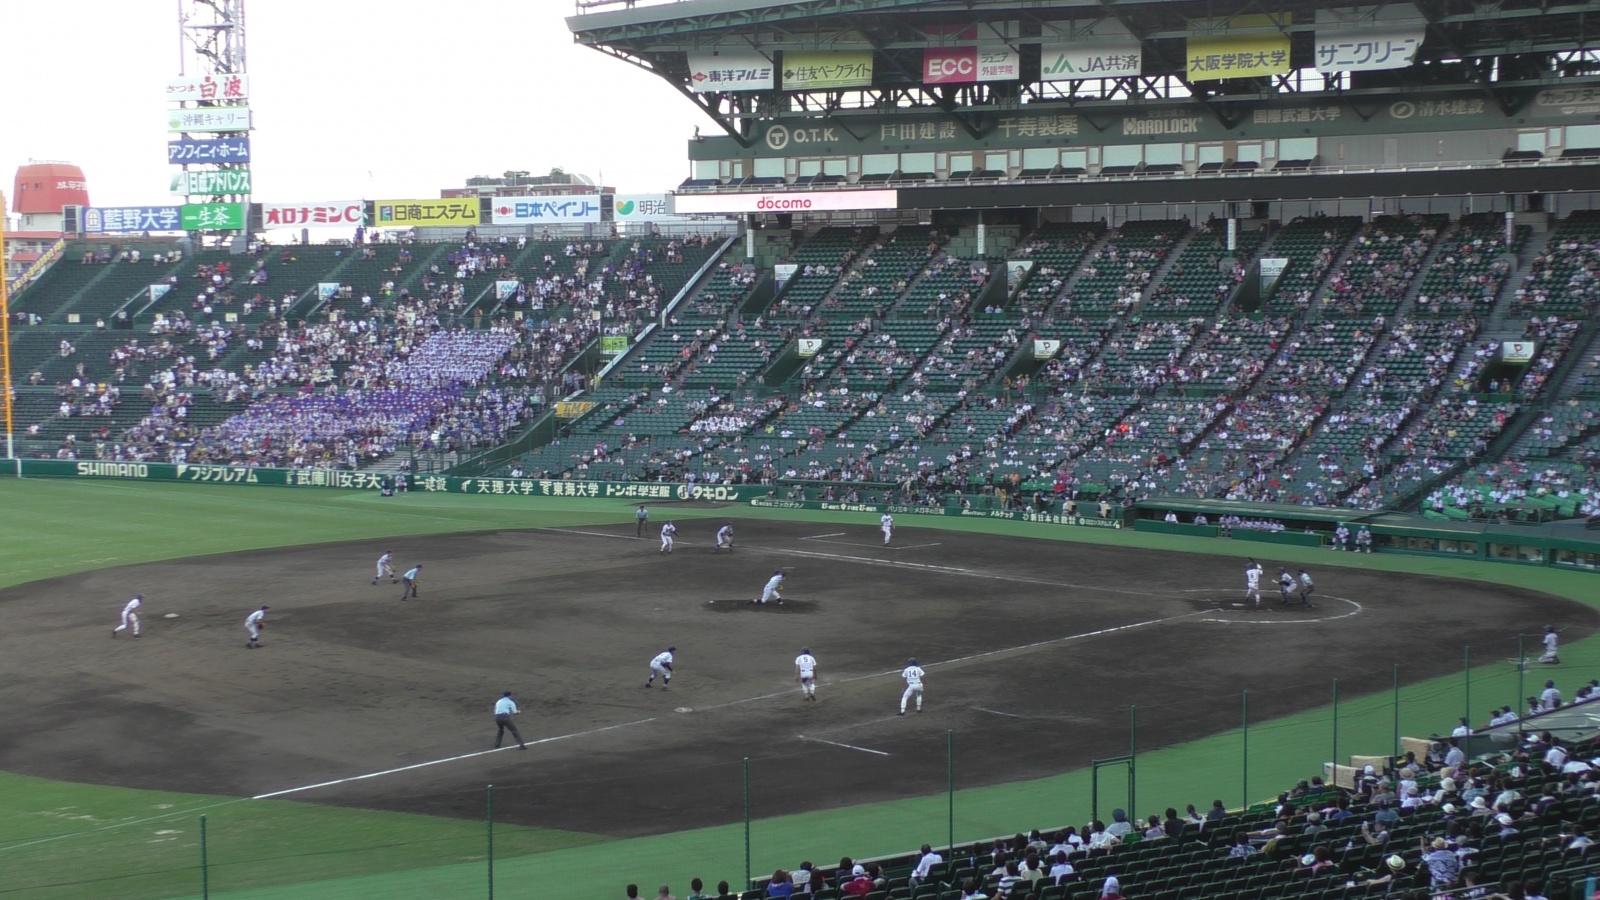 第97回全国高校野球選手権大会~第2日:第4試合「東海大甲府VS静岡」(上)~